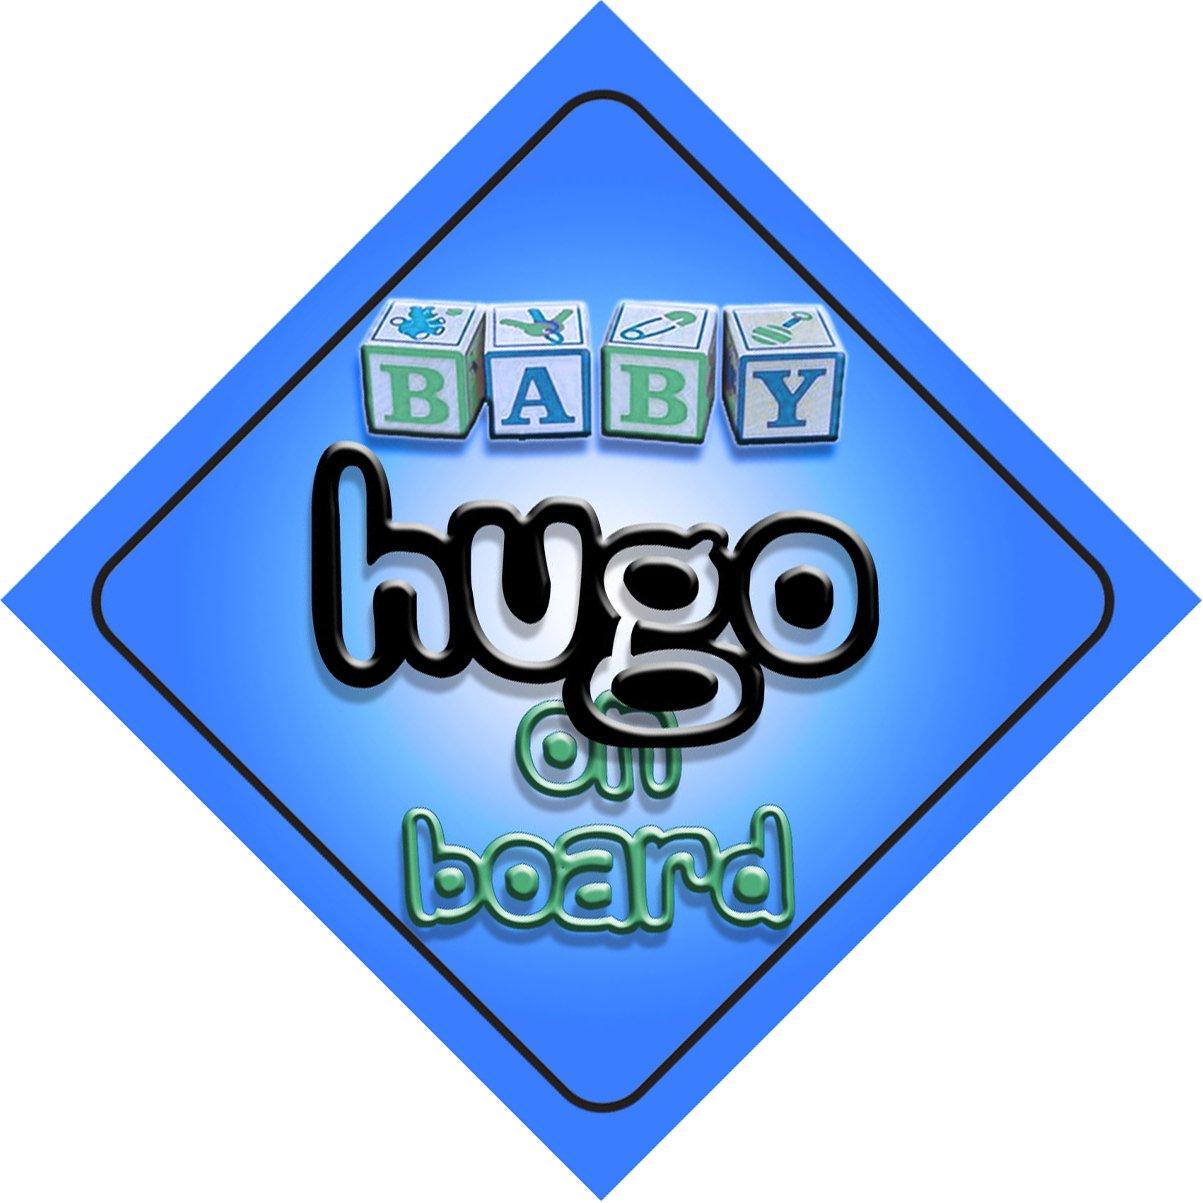 Baby Boy Hugo sur la board Design Voiture Panneau cadeau/Cadeau pour nouveau/Nouveau-Né Bébé Enfant mybabyonboard.co.uk